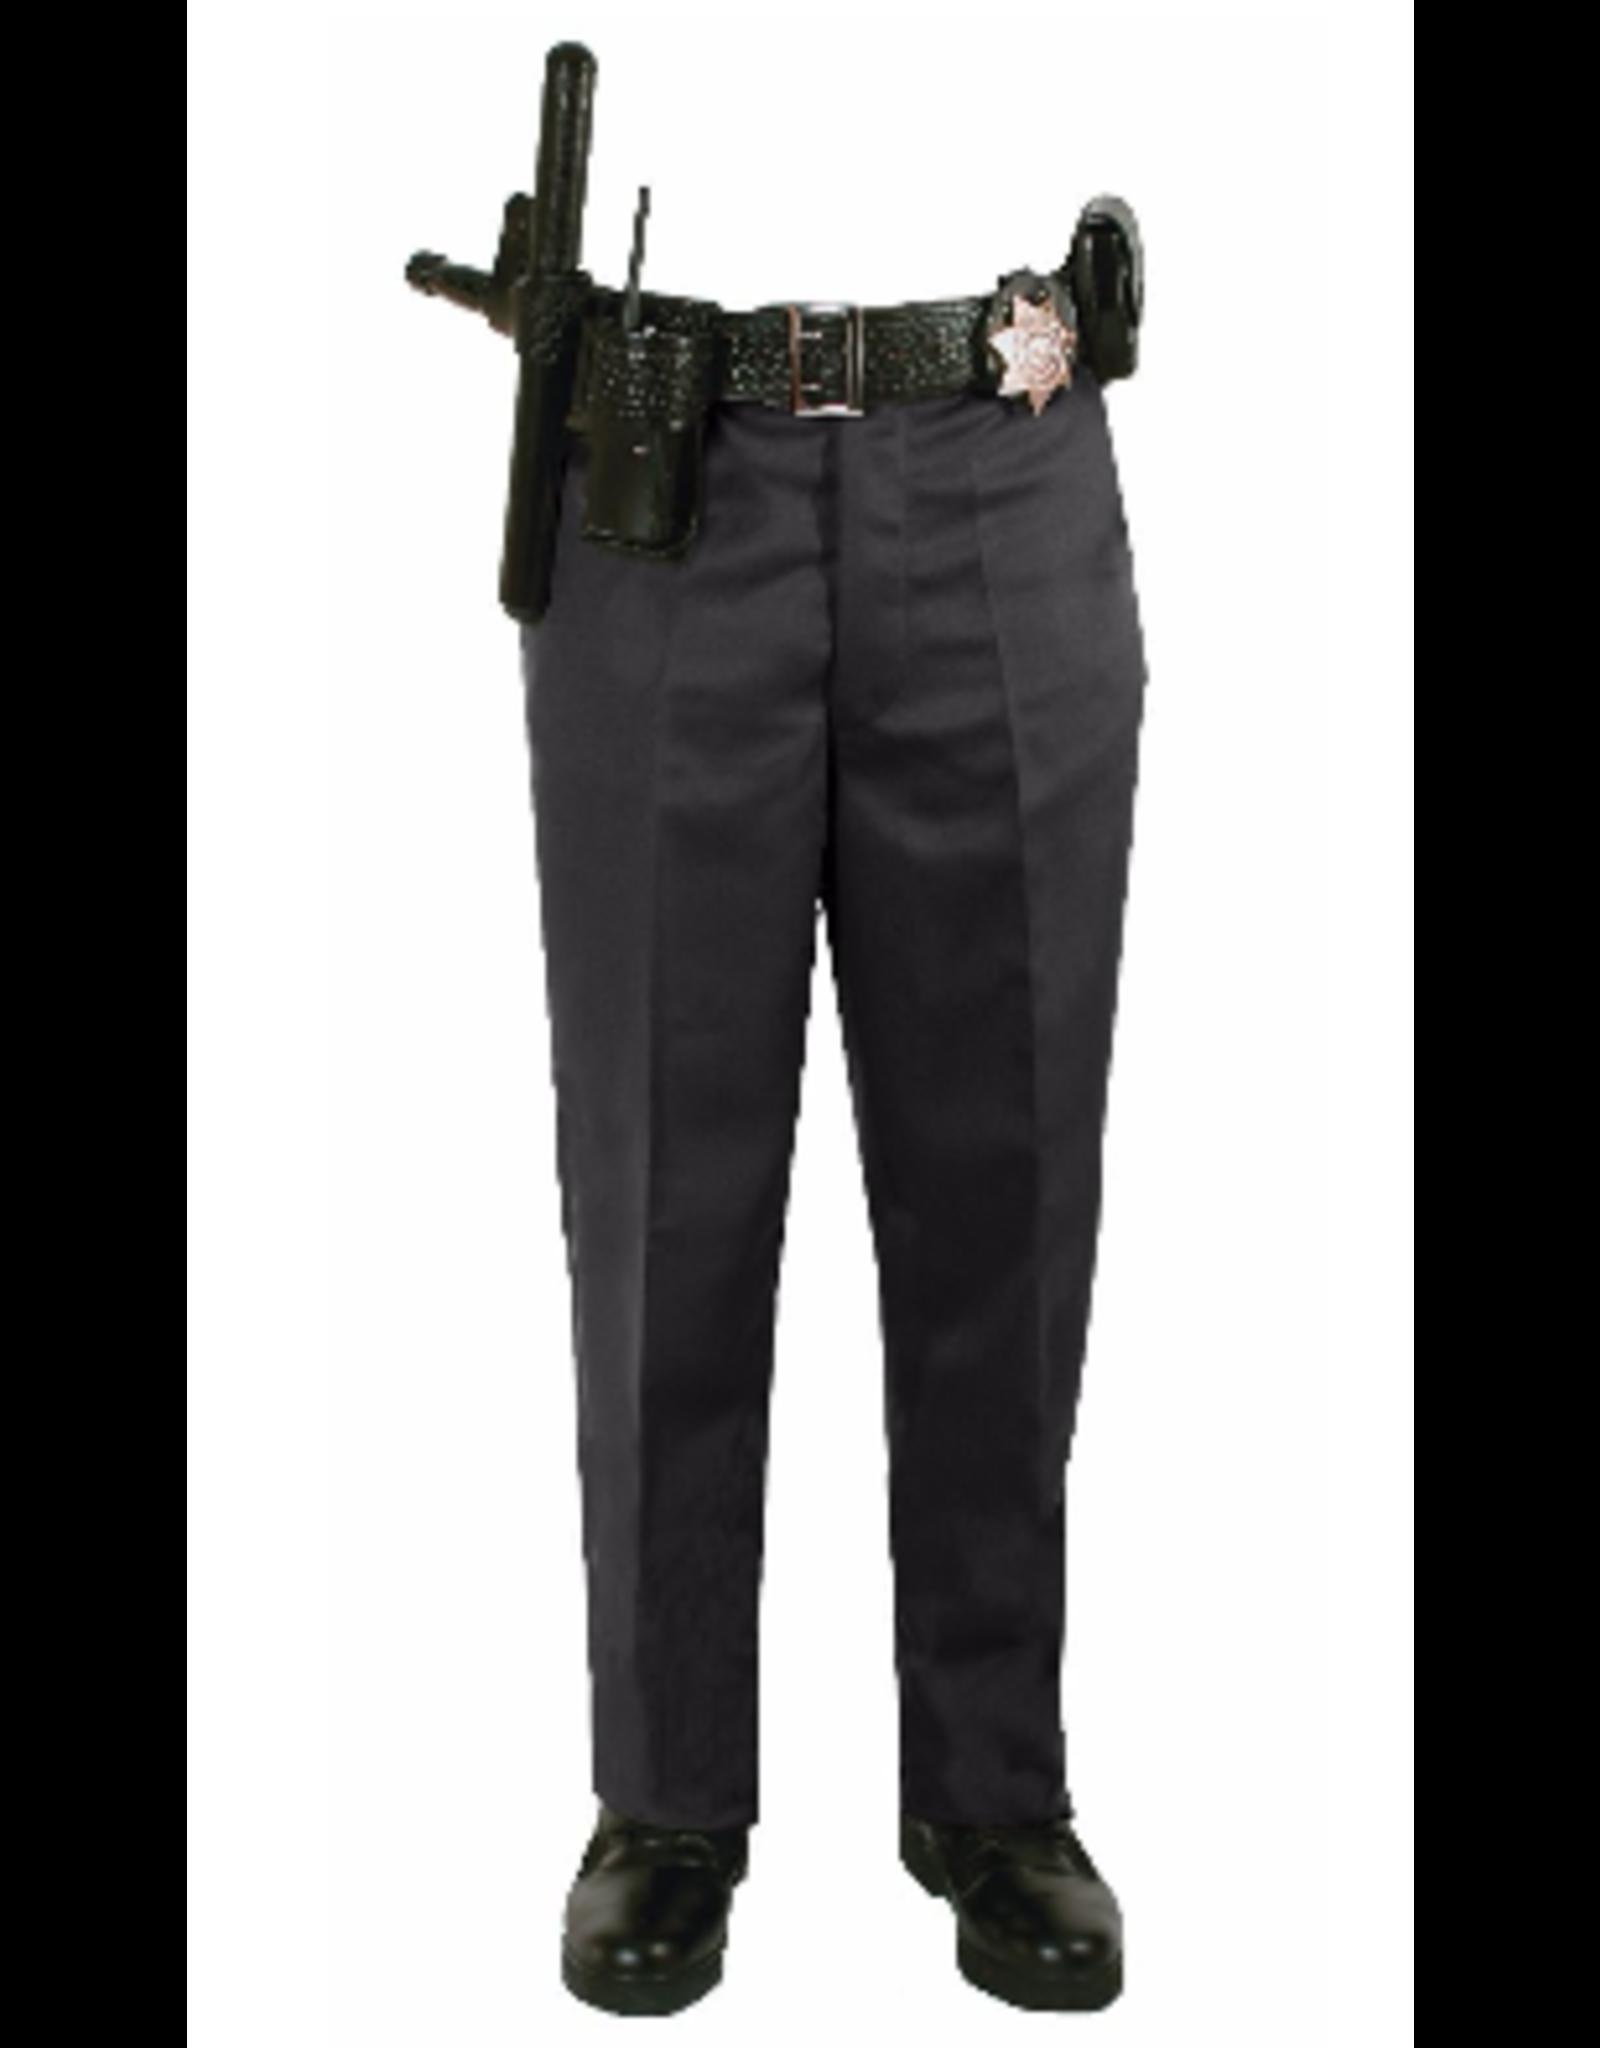 First Class First Class (FC) Pants Navy Blue 32